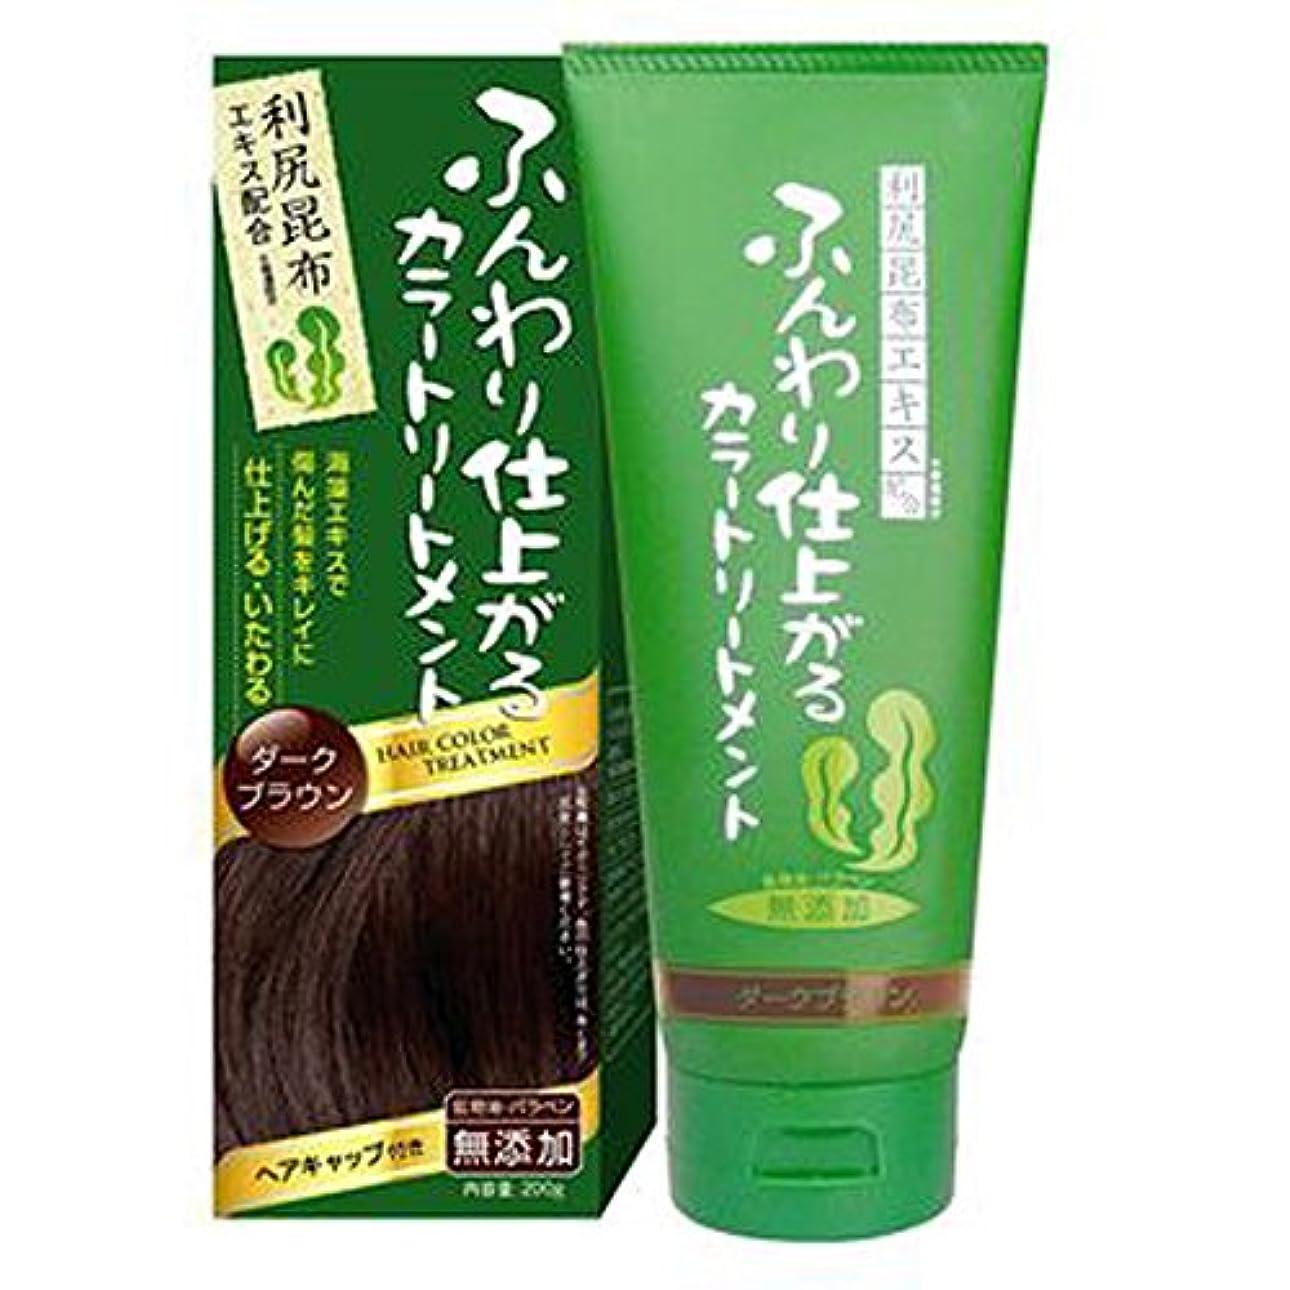 魔女ペレグリネーション喜んでふんわり仕上がるカラートリートメント 白髪 染め 保湿 利尻昆布エキス配合 ヘアカラー (200g ダークブラウン) rishiri-haircolor-200g-dbr